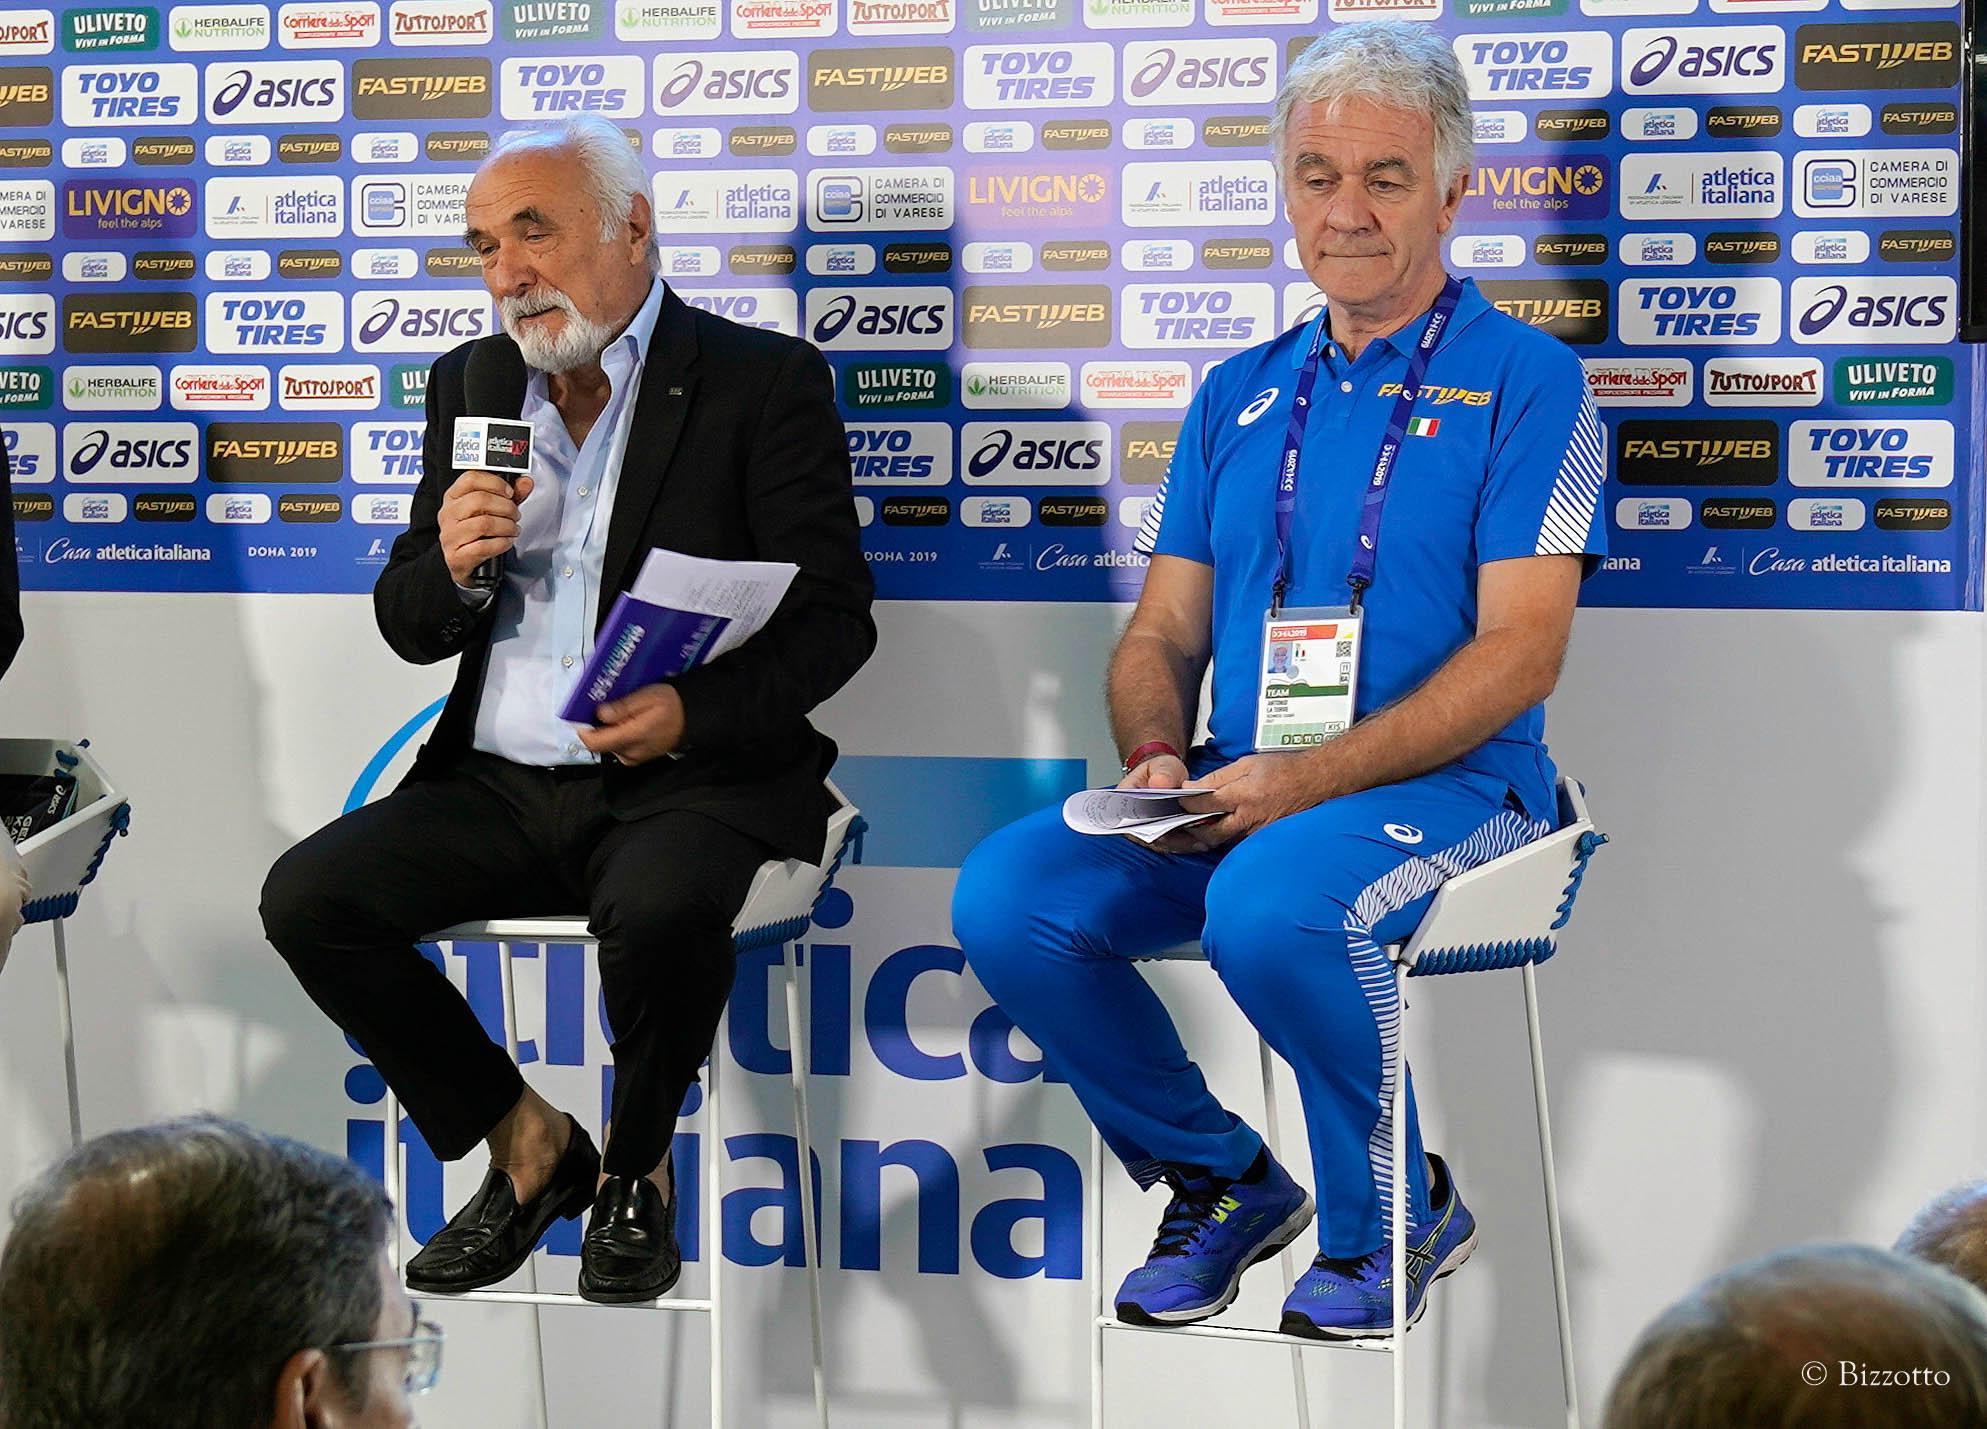 Atletica - Il bilancio mondiale del Presidente Giomi e del DT Latorre